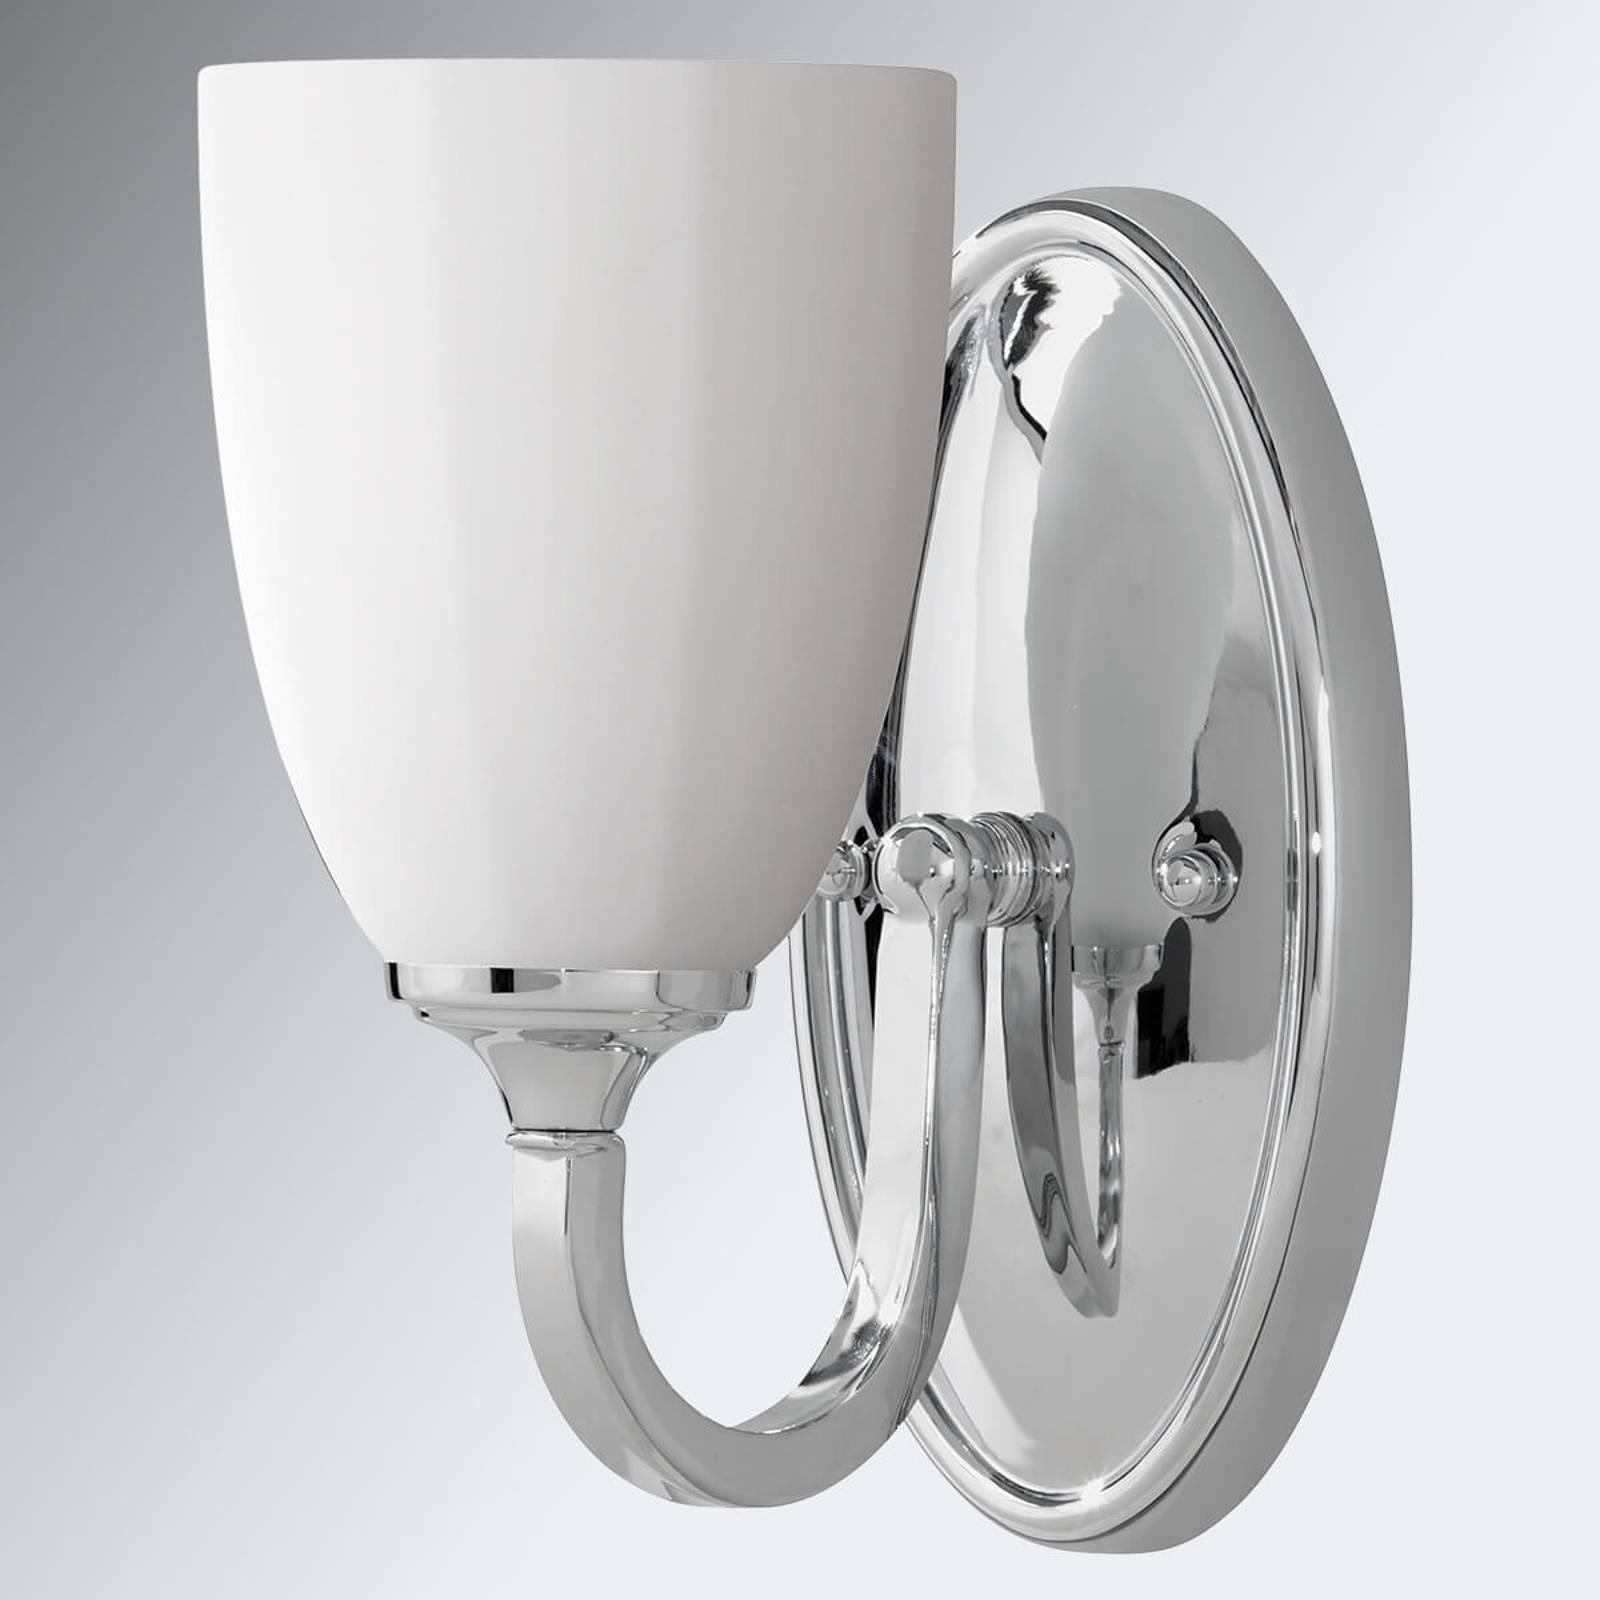 Klassiek ontworpen badkamer wandlamp Perry